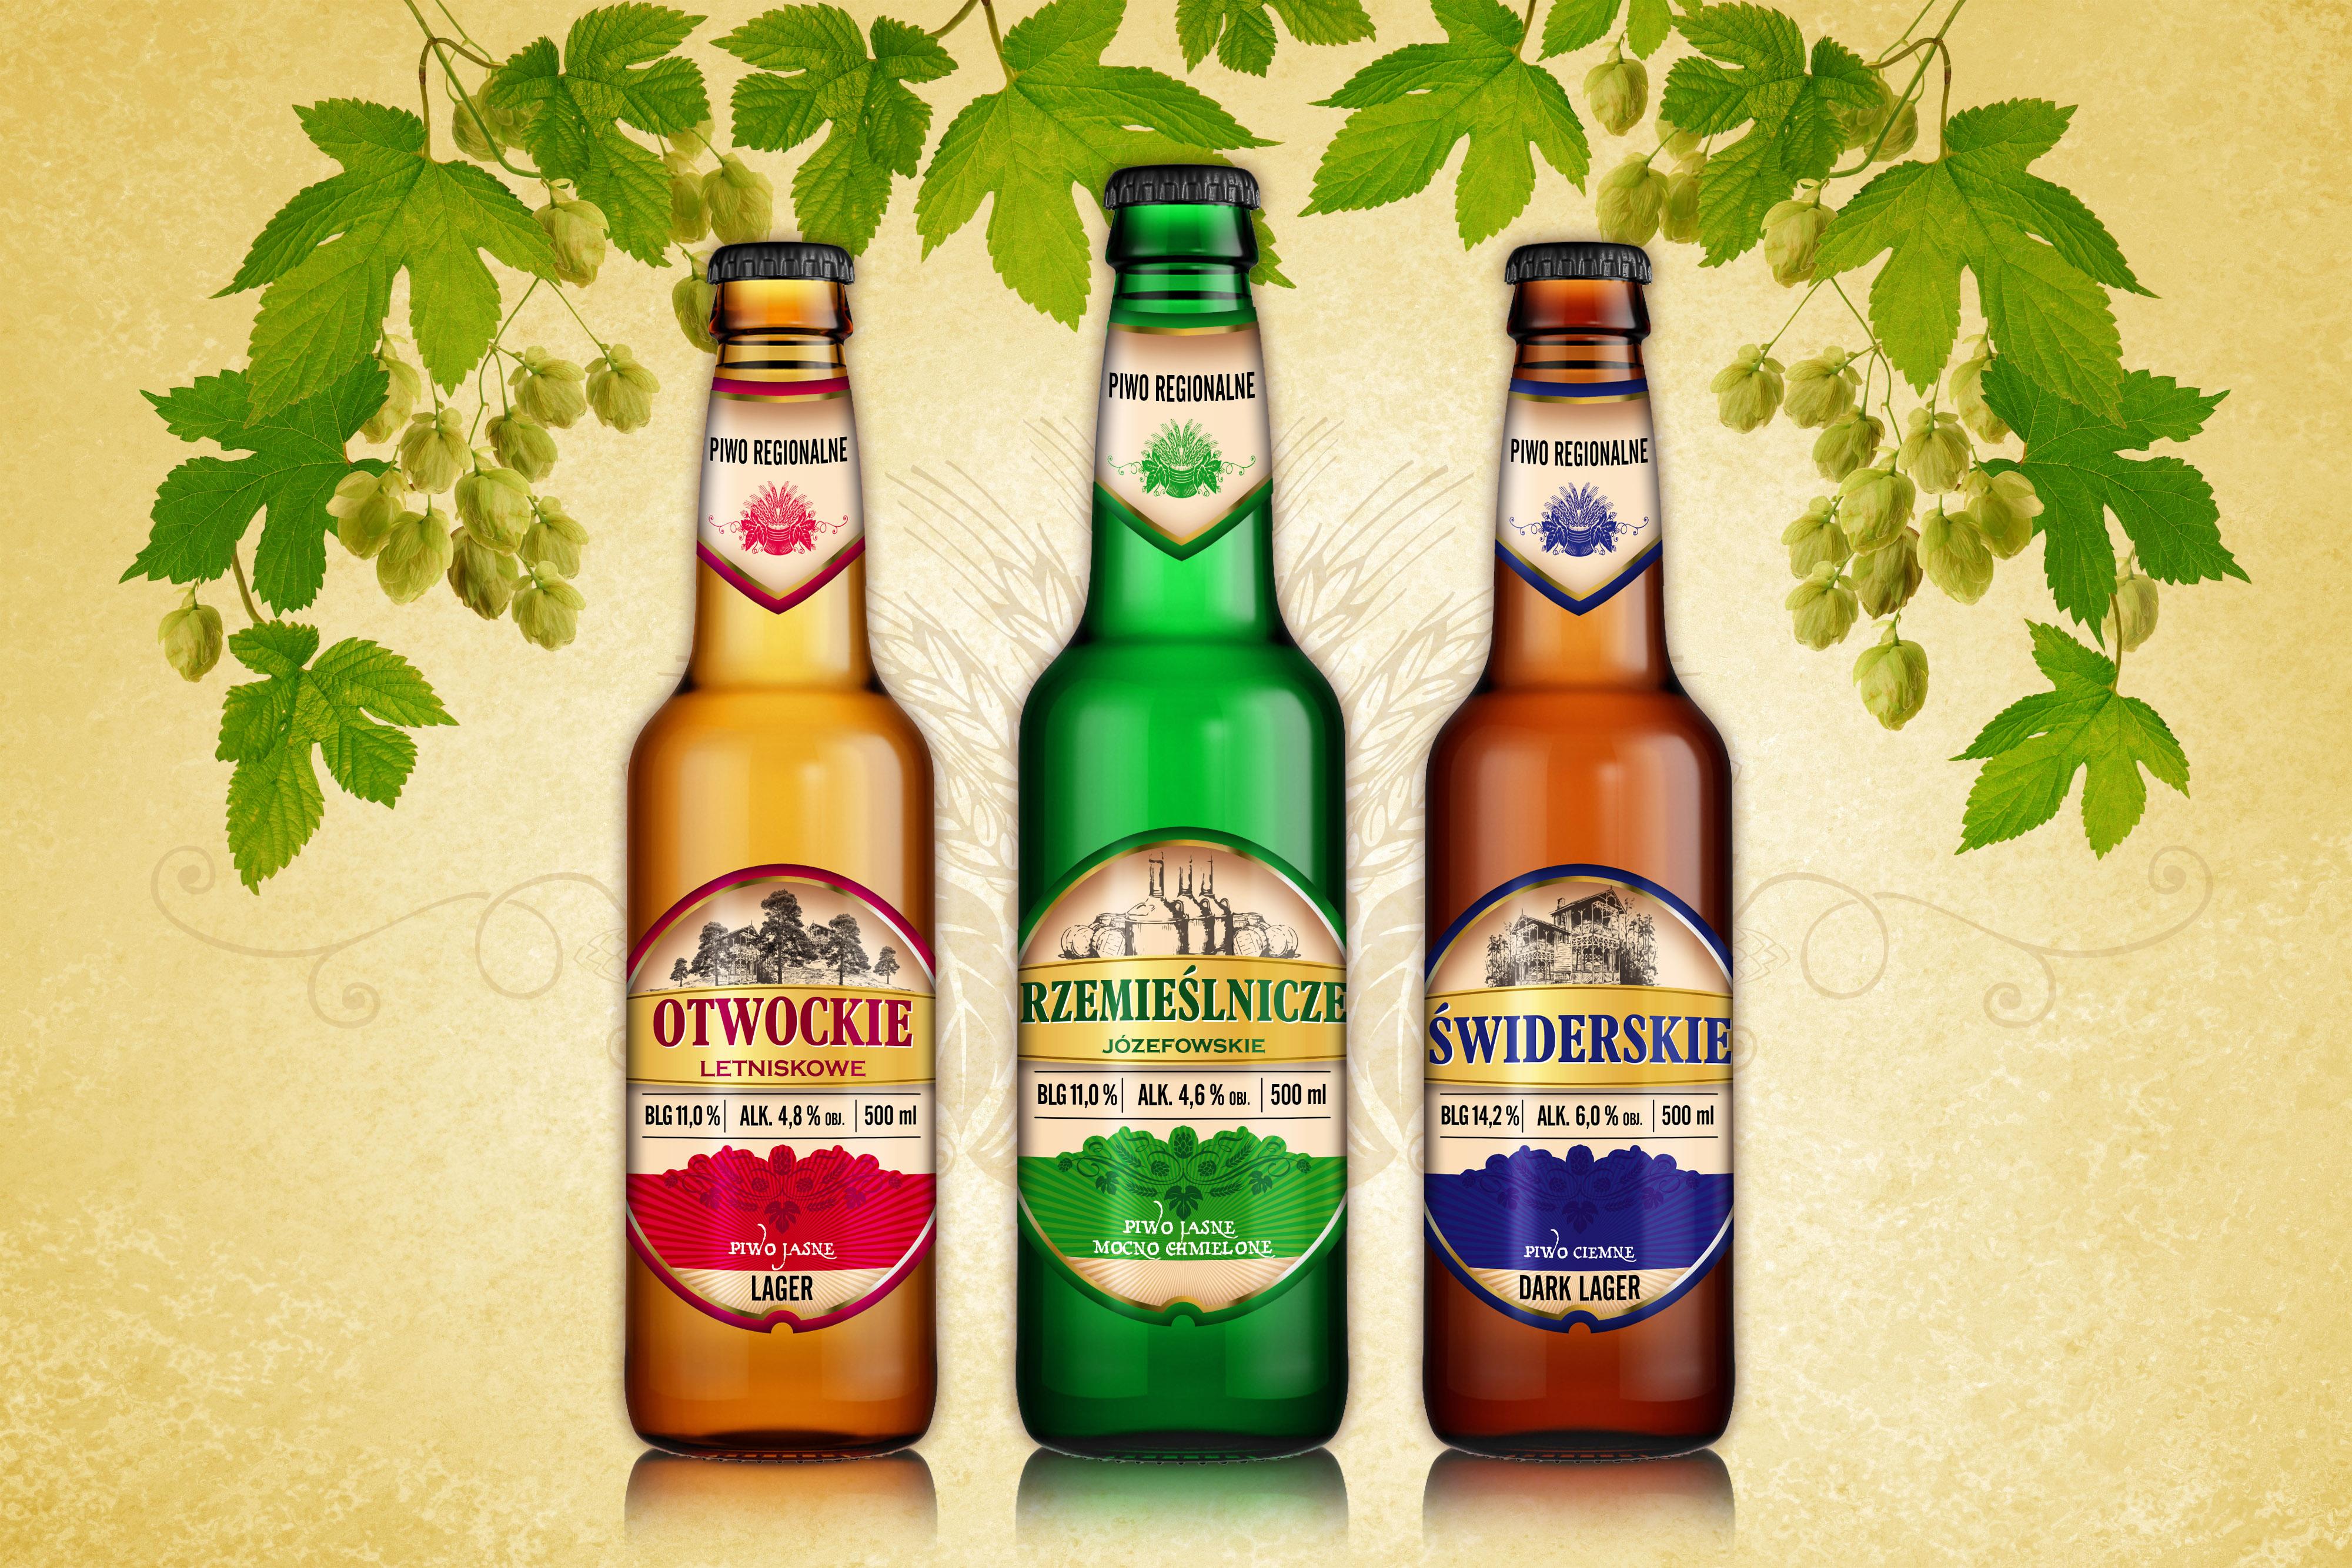 Piwo Otwockie Letniskowe